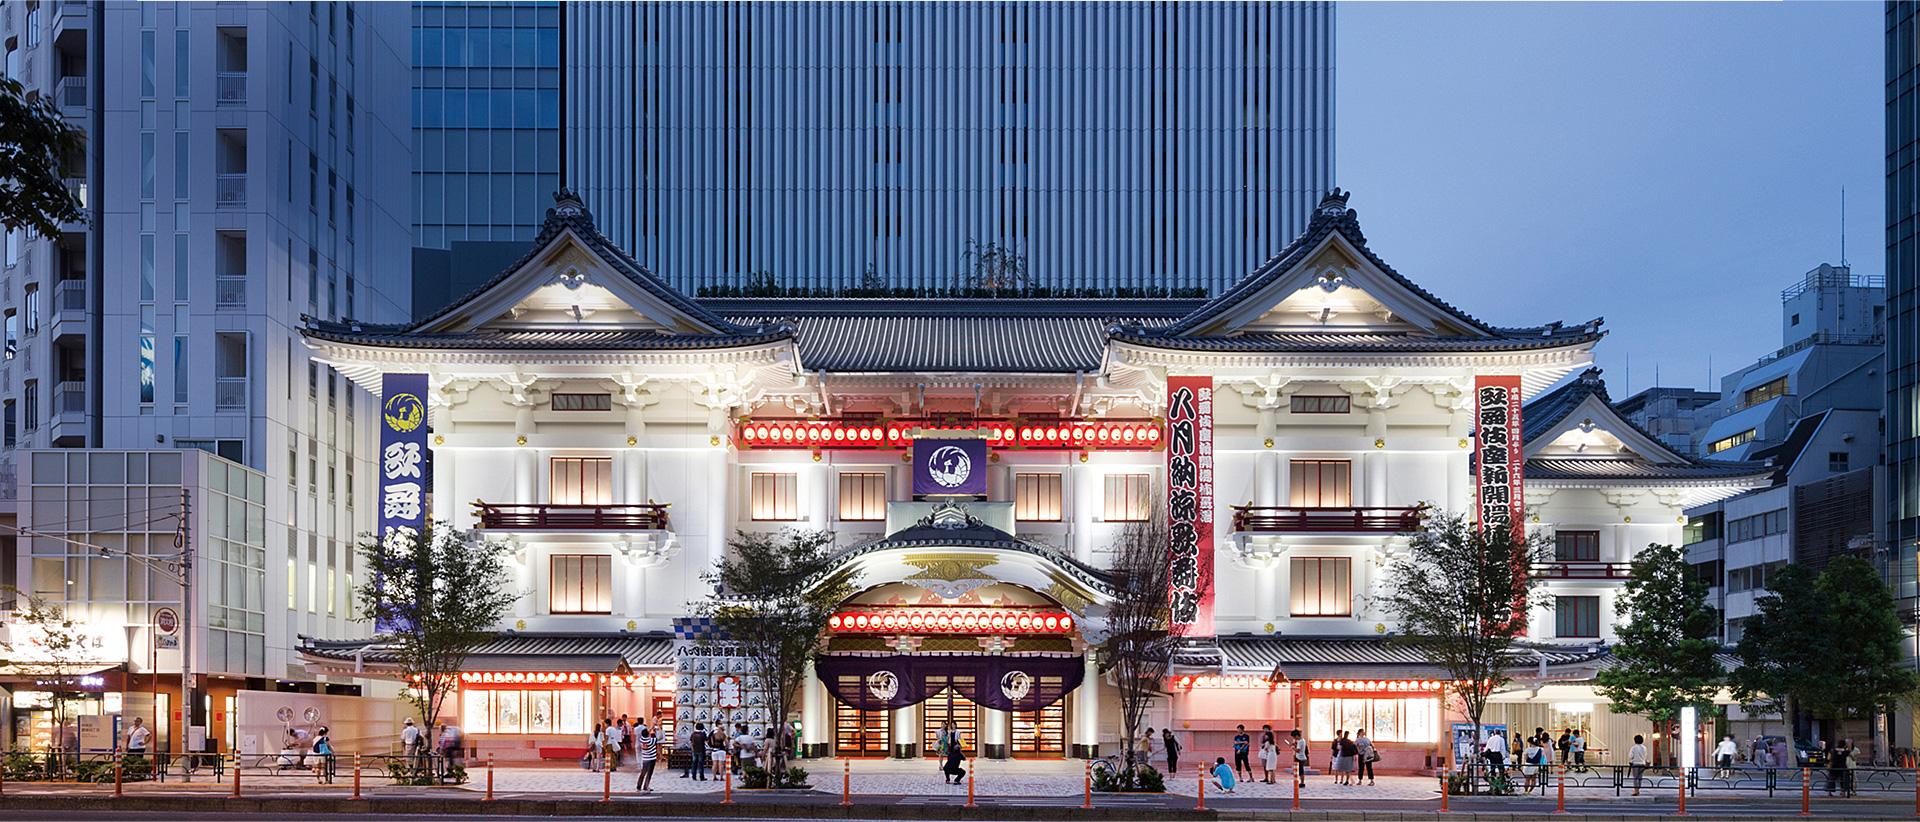 Image result for kabukiza ginza